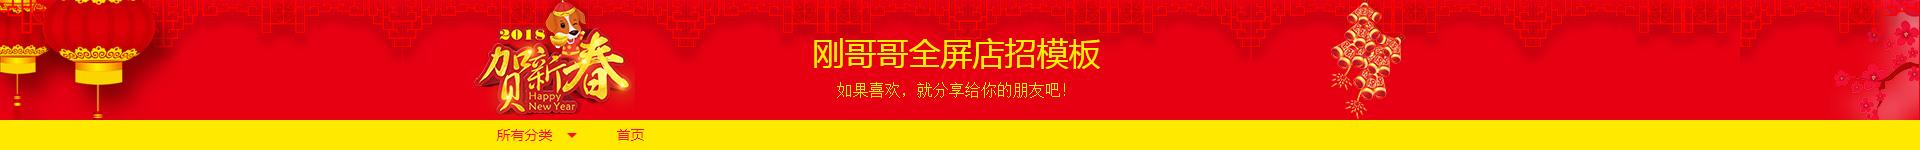 红色喜庆2018狗年新春年货节通用免费淘宝店铺装修全屏店招模板